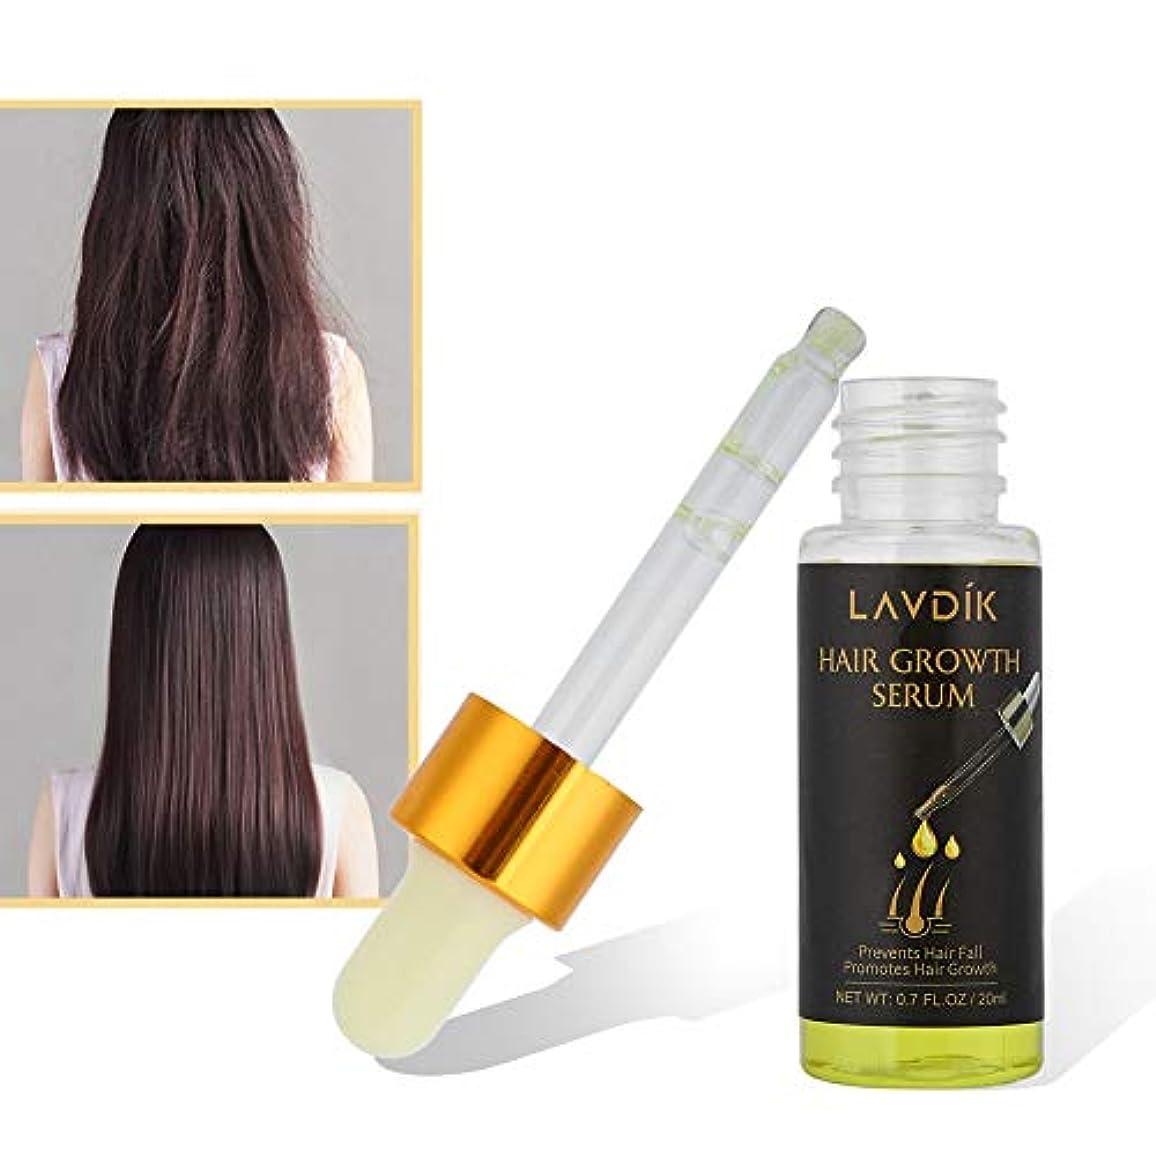 超越するはねかけるペスト20ml ヘアケアエッセンシャルオイル 速い髪の成長、抗脱毛症 - 栄養価の高い滑らかで健康的で強いヘアオイルの修理